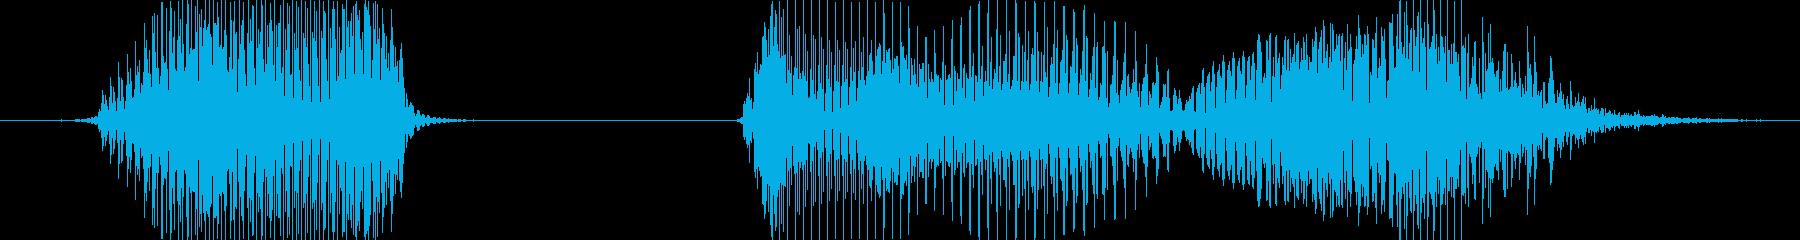 やったね!の再生済みの波形